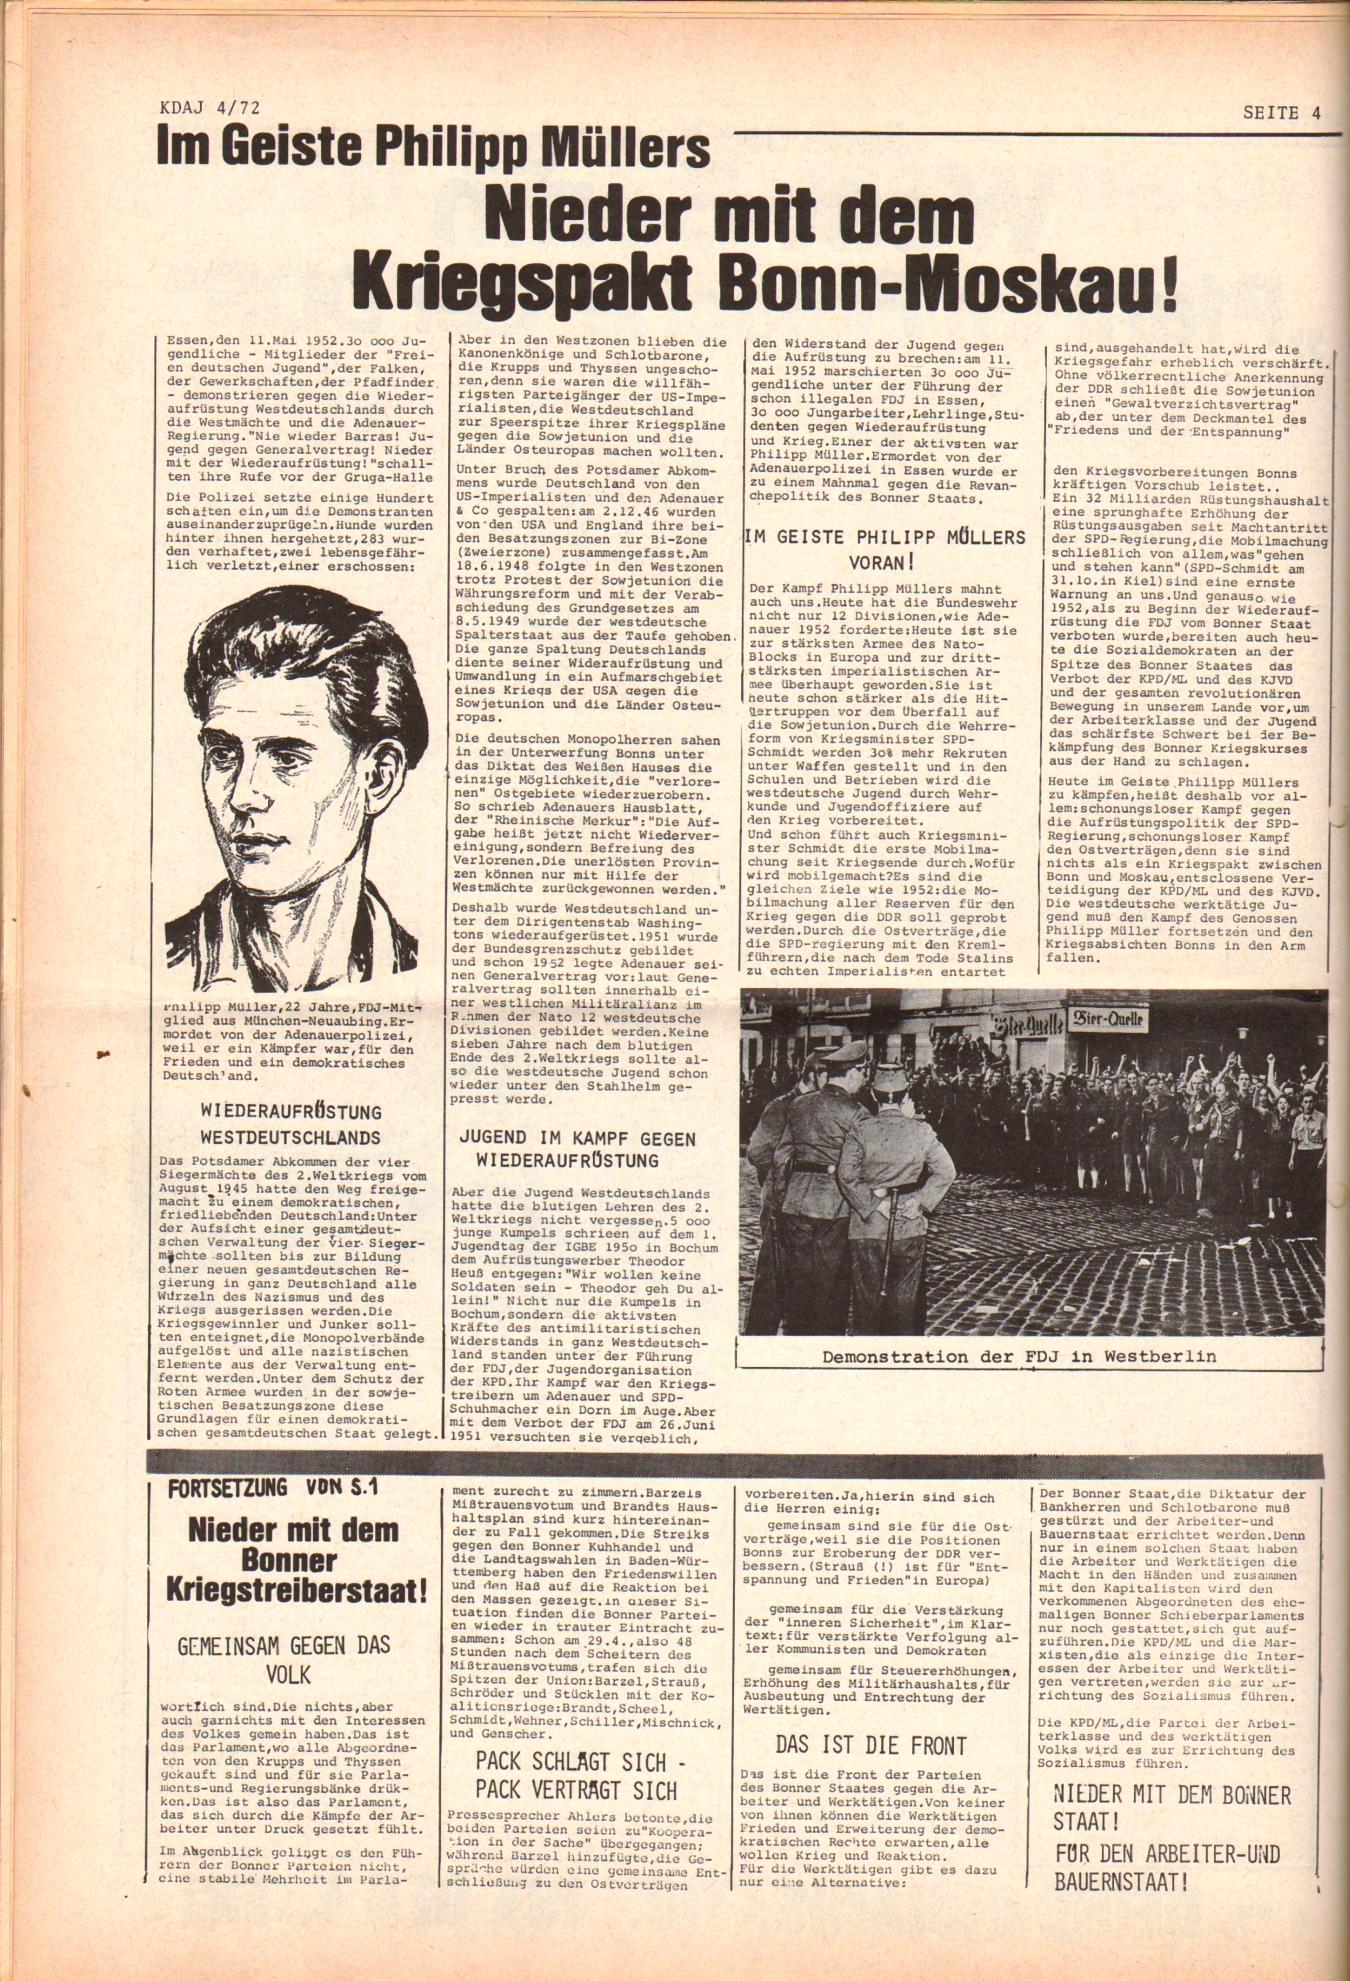 KJVD_KDAJ_1972_04_04